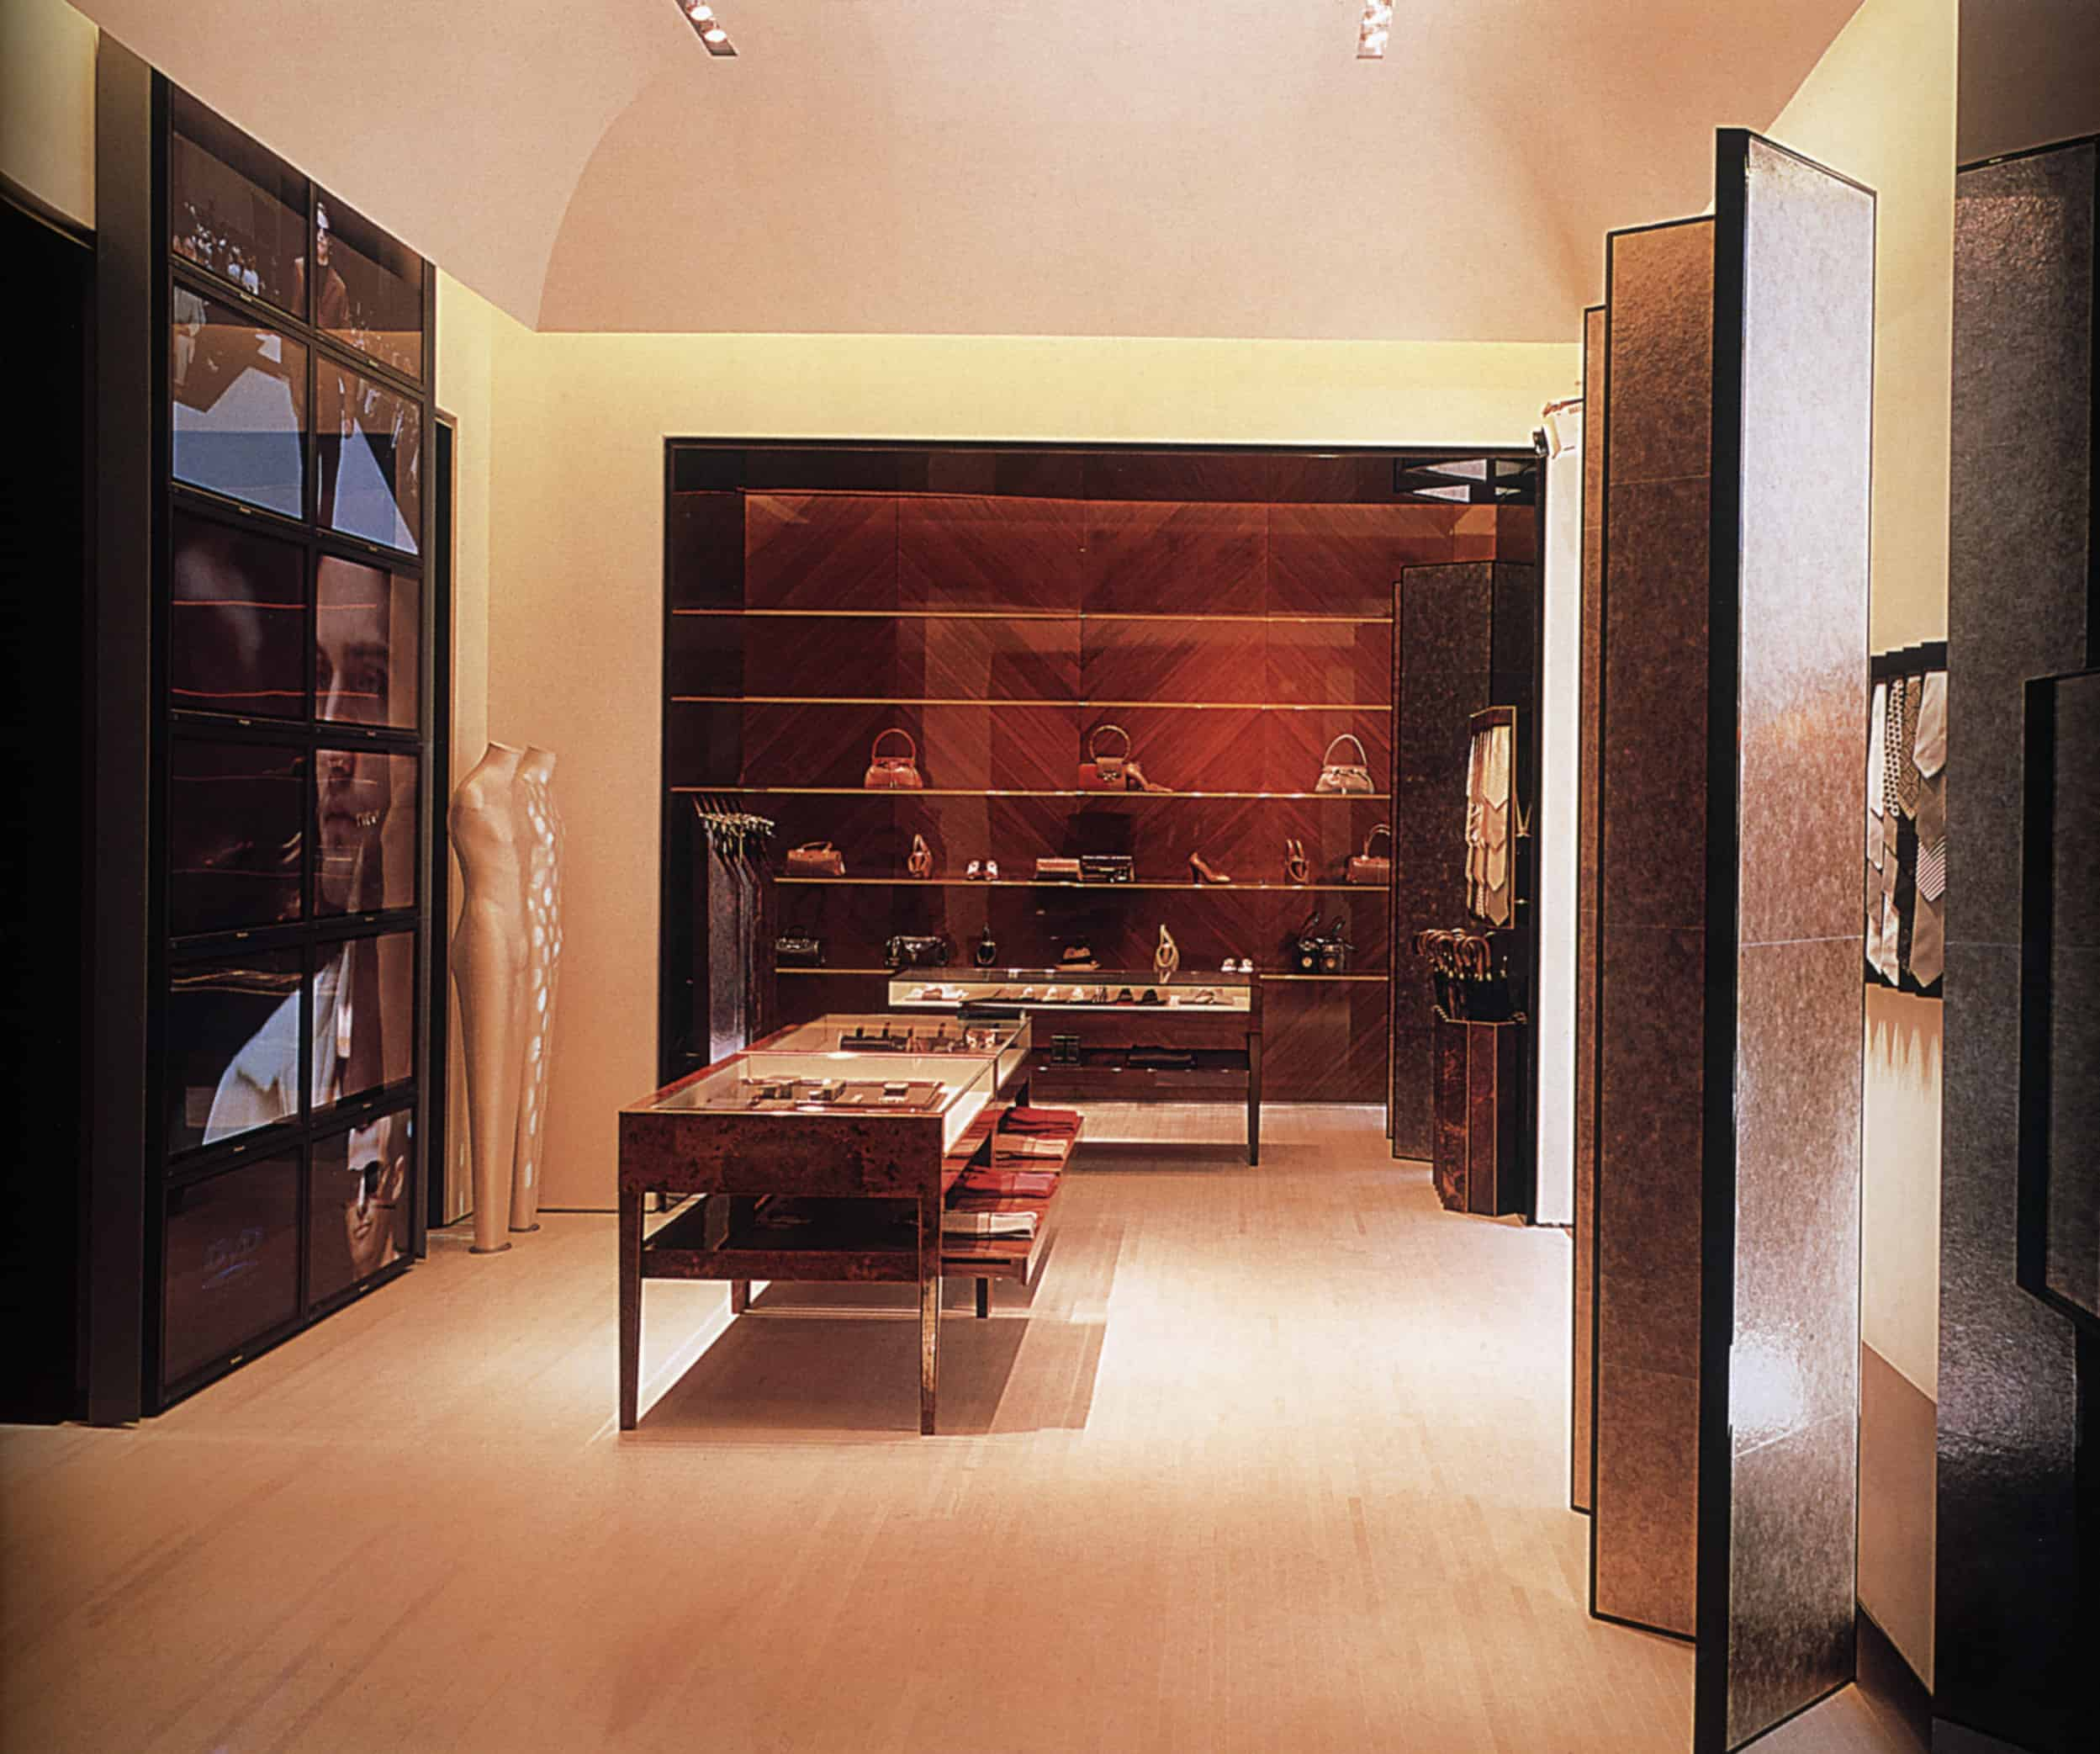 INDOOR Ξ Architecture Shop Design Solution